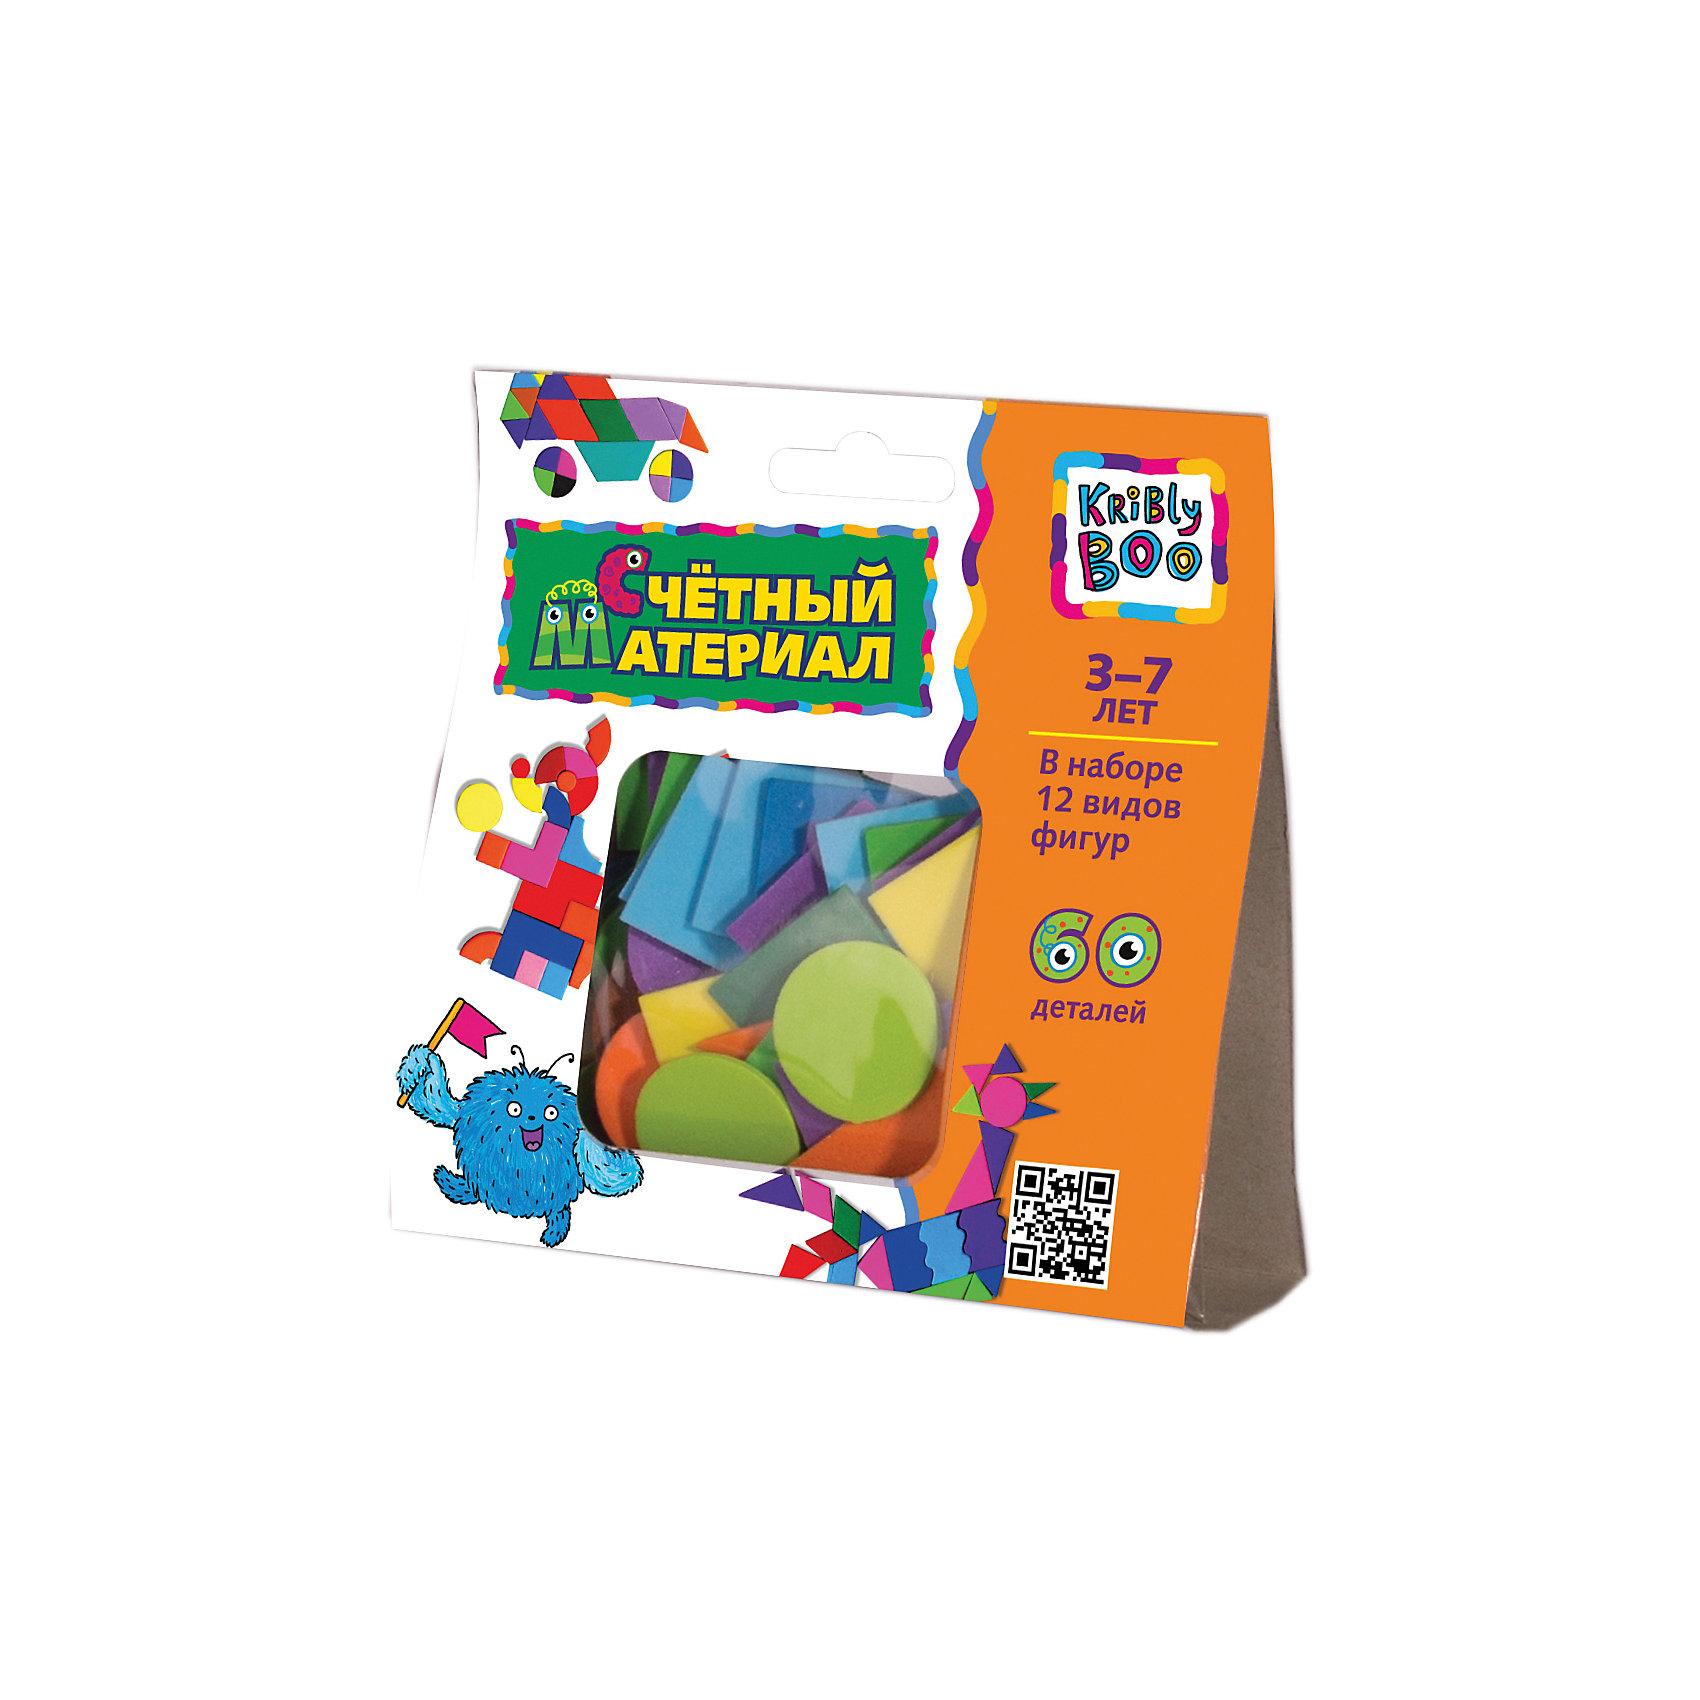 Счётныйматериал,60деталейРисование<br>Счётный материал, 60 деталей - это материал для математических занятий с малышом.<br>Игра со счетным материалом — необходимое занятие для развития математических, логических навыков и образного мышления. С помощью 12 видов разнообразных фигурок вы можете наглядно показать ребенку, что такое много и мало, больше и меньше, познакомить его с цветами, формами, научить считать. Счетный материал удобно брать в руки, детали приятны на ощупь.<br><br>Дополнительная информация:<br><br>- В наборе: 12 видов фигур<br>- Количество деталей: 60<br>- Материал: вспененный полимерный материал<br>- Упаковка: блистер<br>- Размер упаковки:13х13х4,5 см.<br>- Вес: 167 гр.<br><br>Счётный материал, 60 деталей можно купить в нашем интернет-магазине.<br><br>Ширина мм: 130<br>Глубина мм: 13<br>Высота мм: 45<br>Вес г: 167<br>Возраст от месяцев: 36<br>Возраст до месяцев: 84<br>Пол: Унисекс<br>Возраст: Детский<br>SKU: 4623200